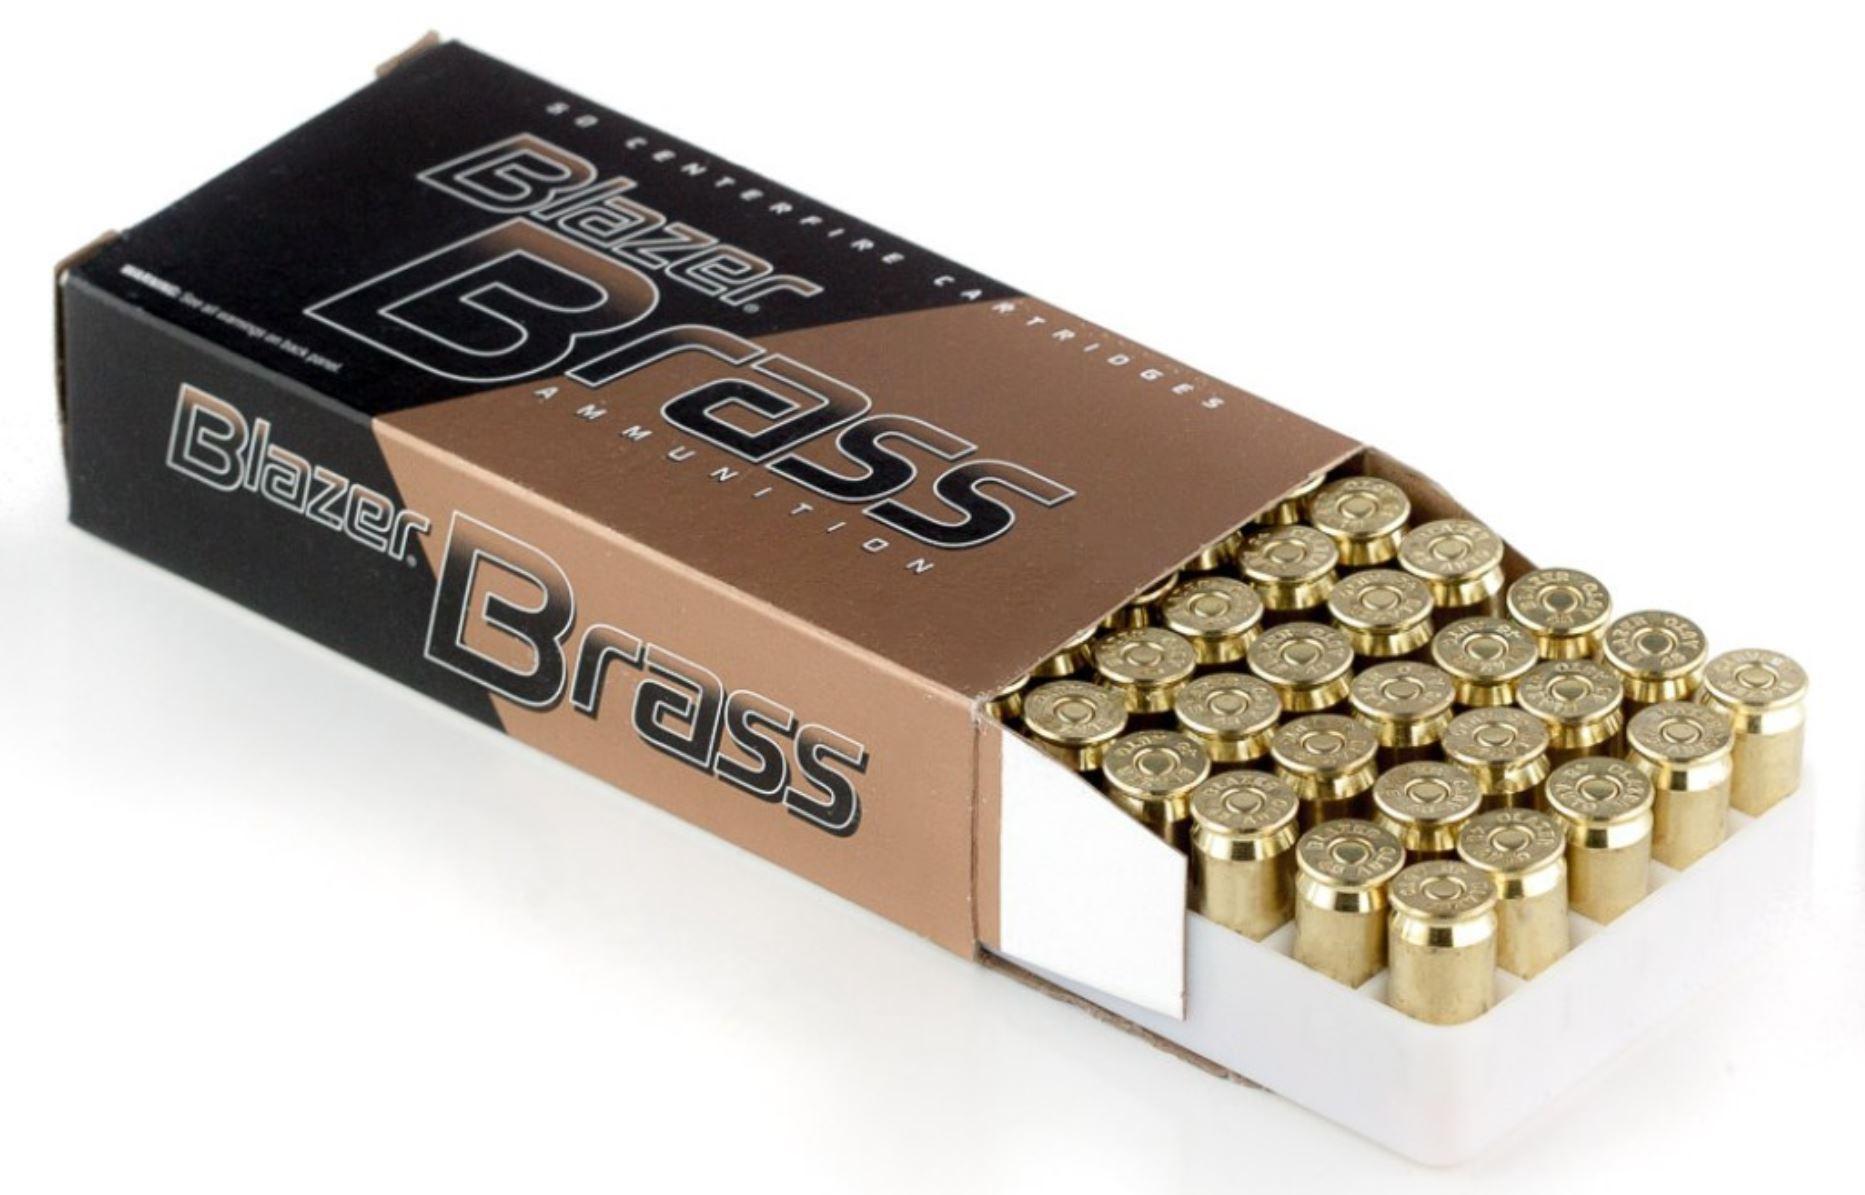 Blazer Brass FMJ ammo